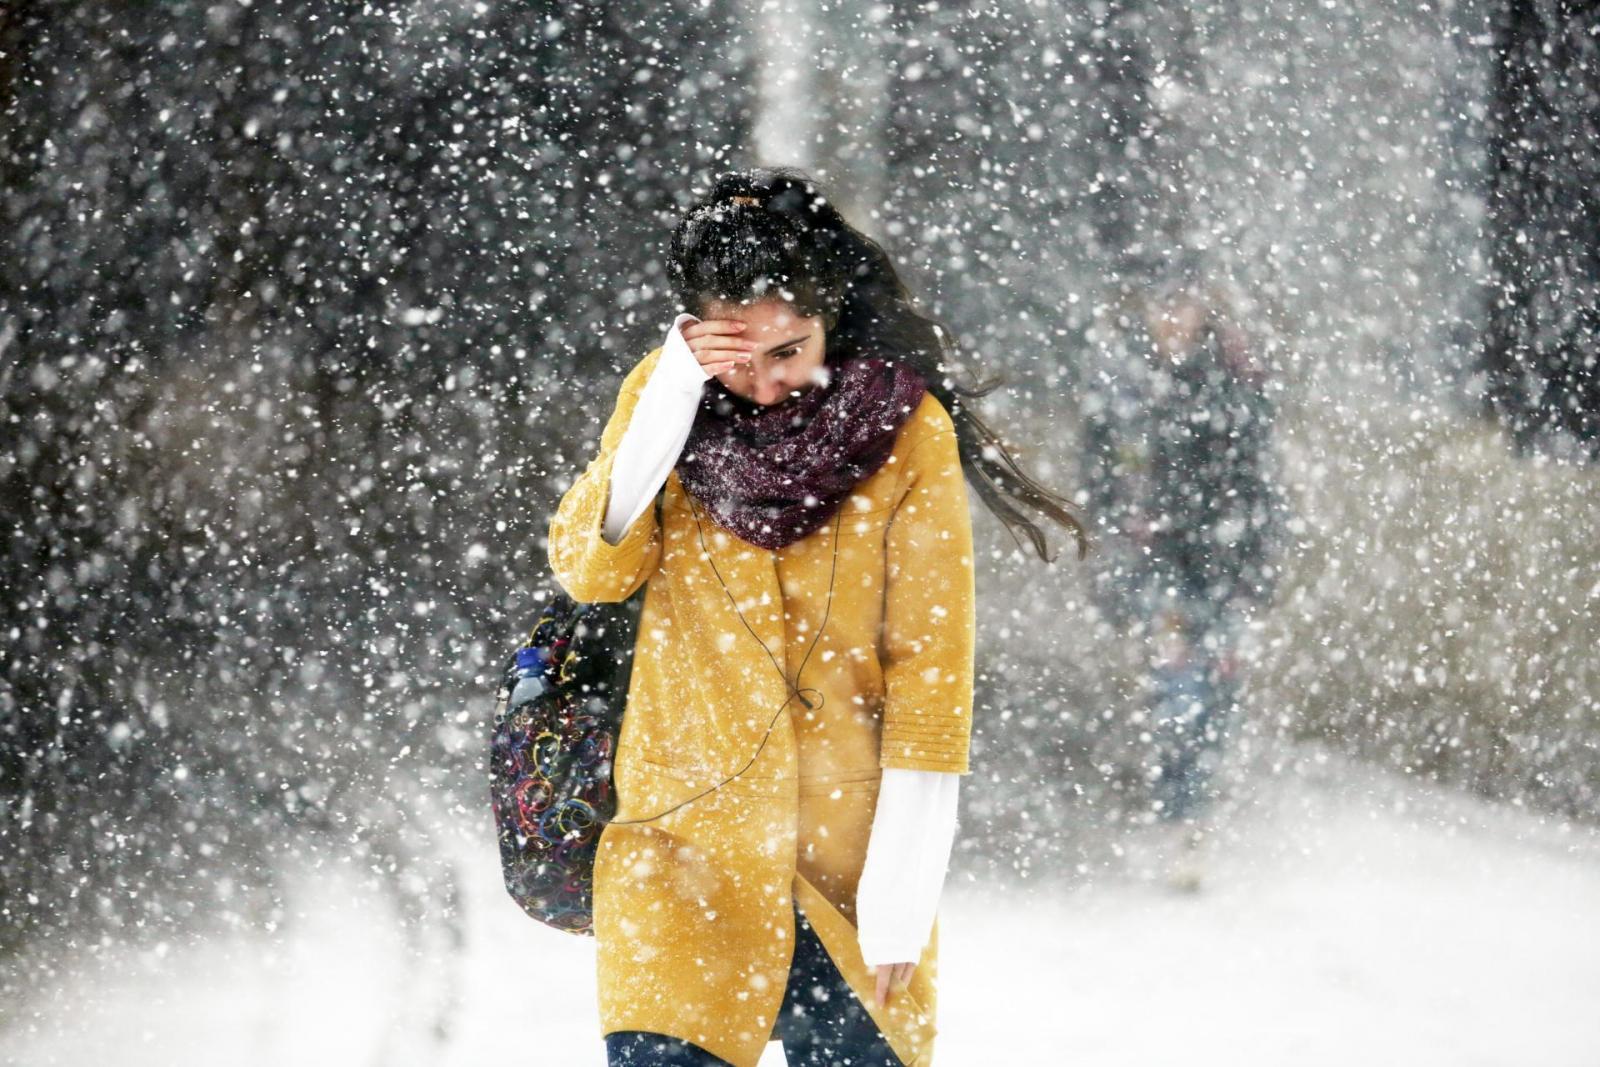 В Брянской области 27 января обещают гололед и мокрый снег